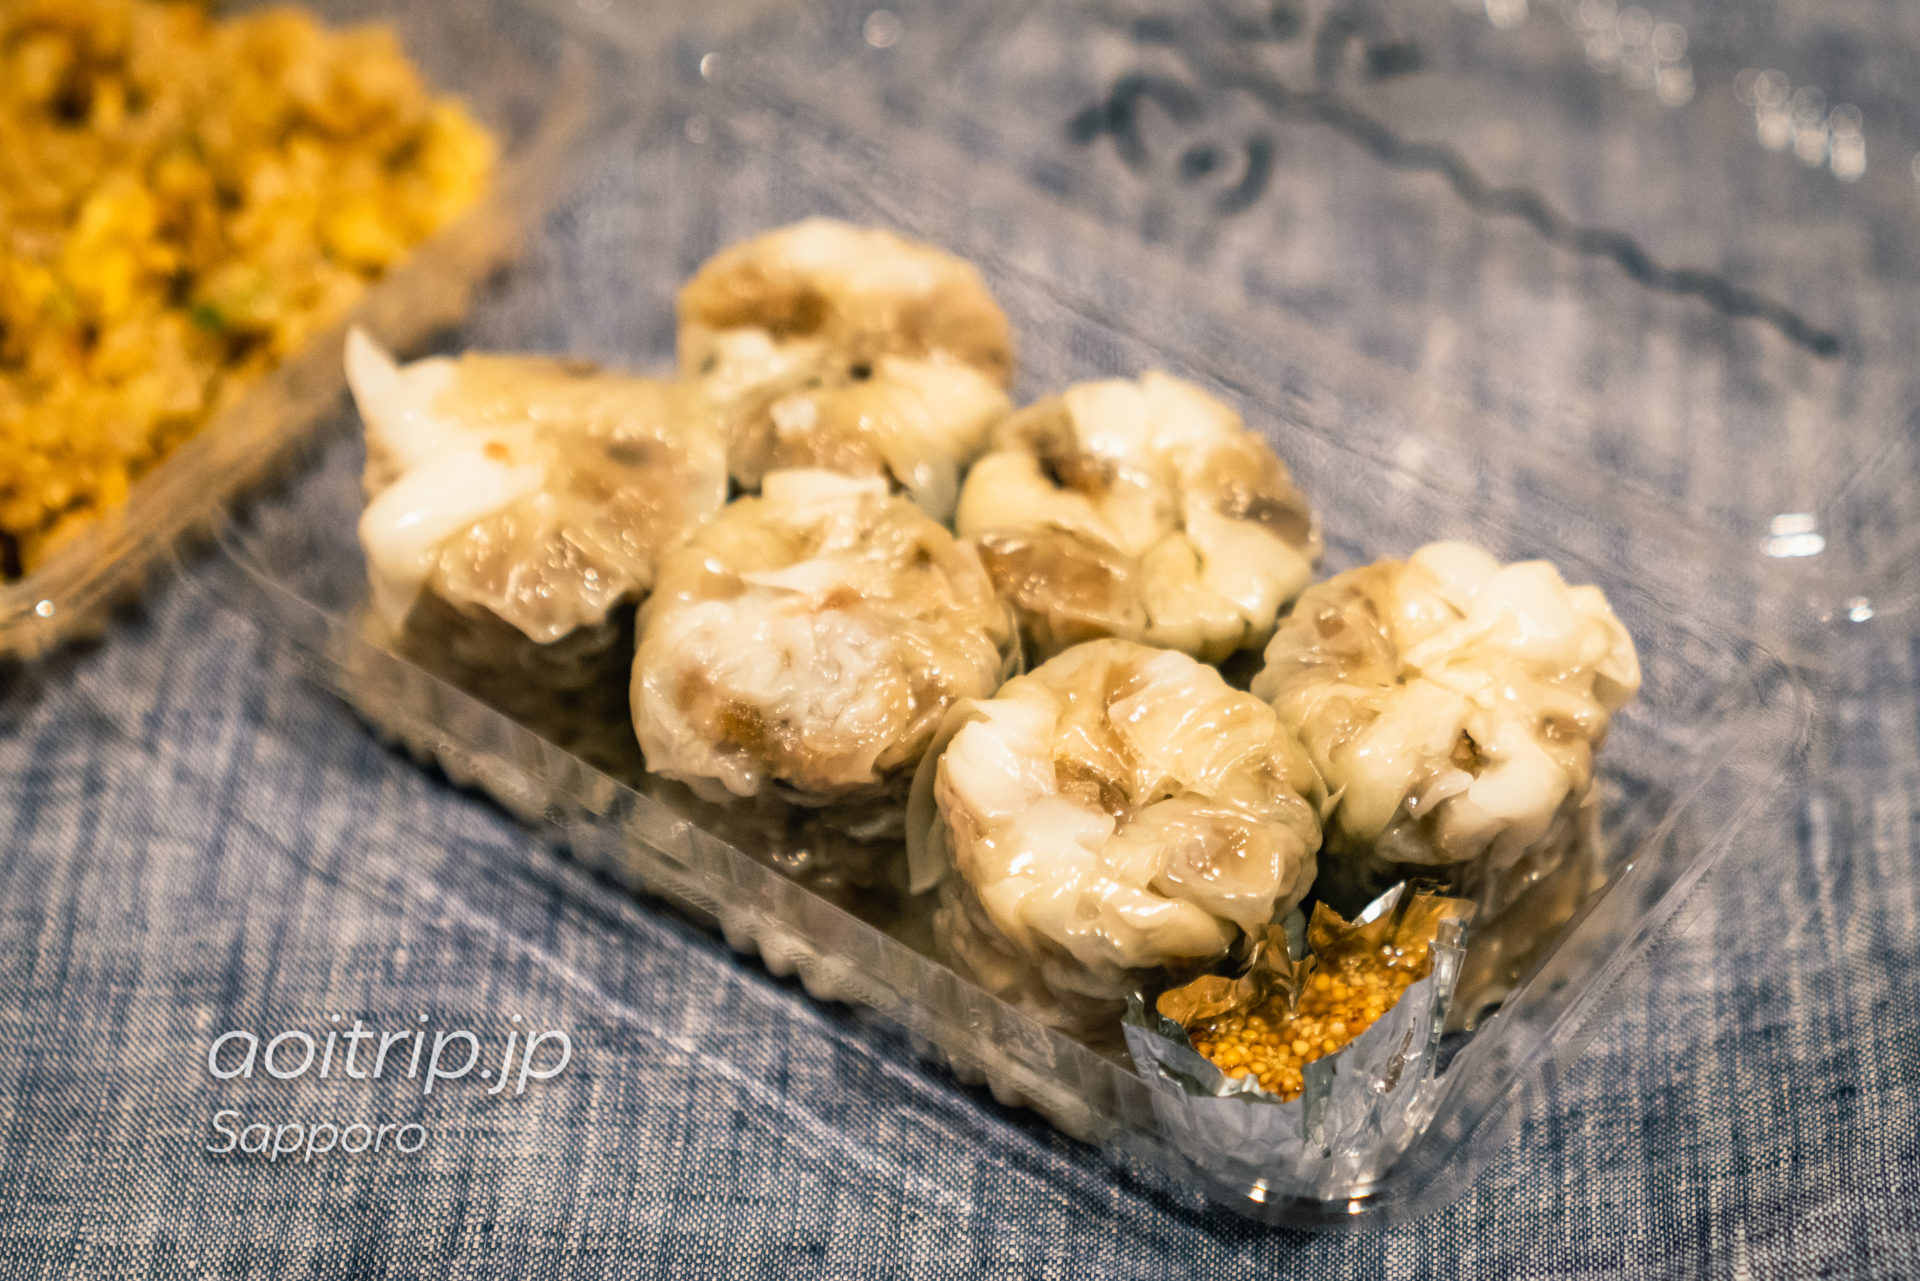 チムウォックのテイクアウト ラム肉のクミン風味焼売&鶏肉と新ごぼうの焼売